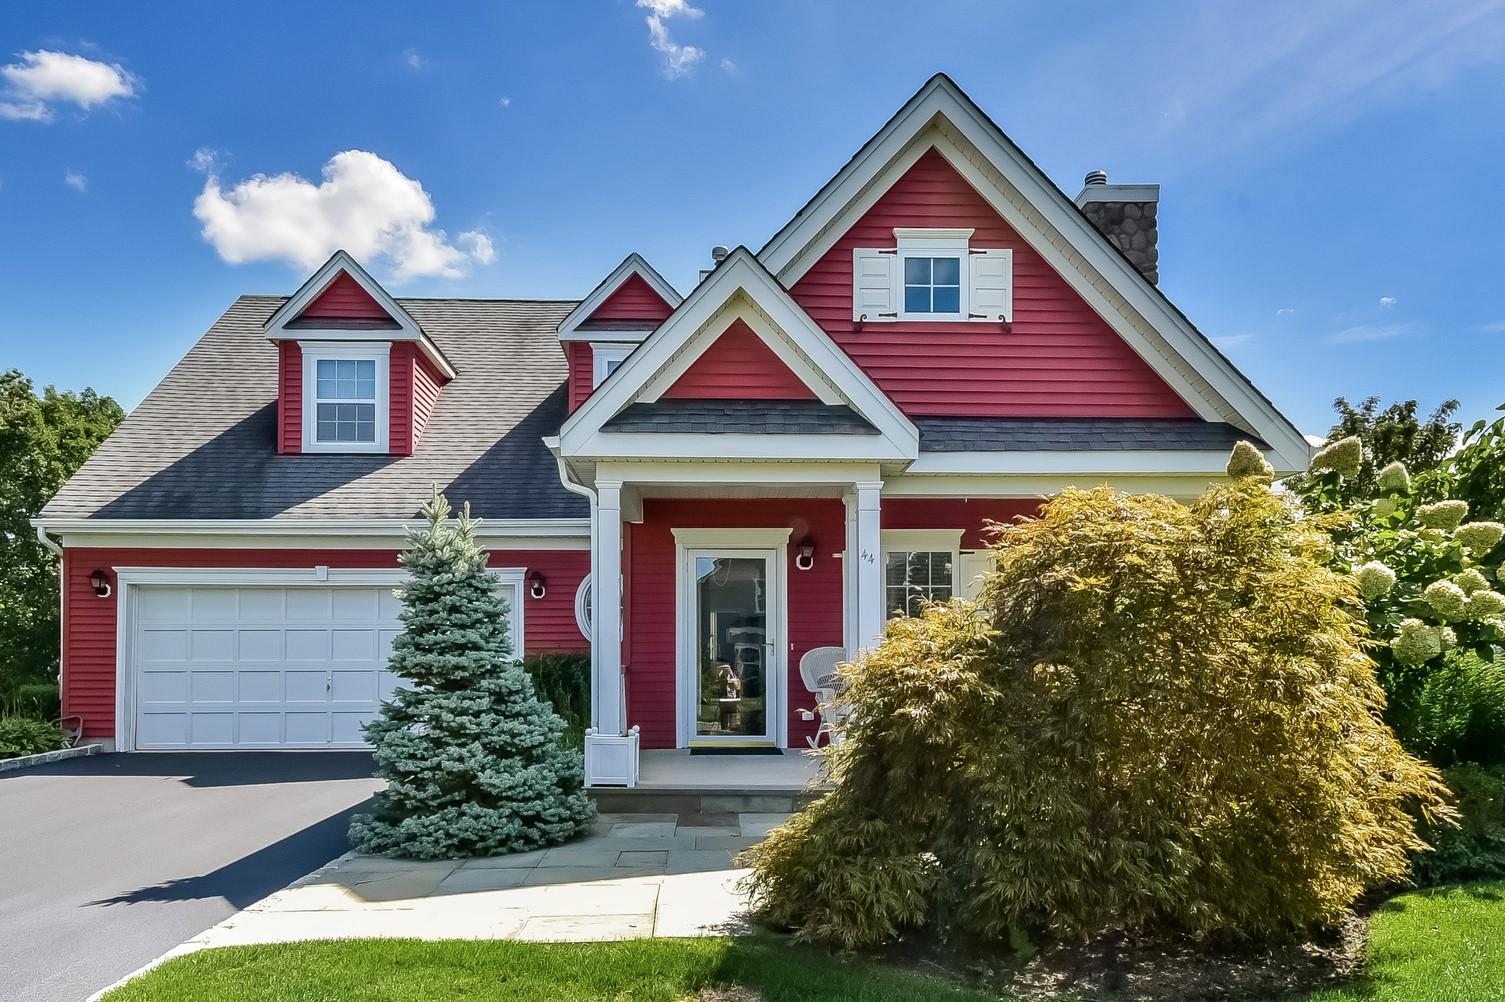 Eigentumswohnung für Verkauf beim Condo 44 Golden Spruce Dr Calverton, New York, 11933 Vereinigte Staaten